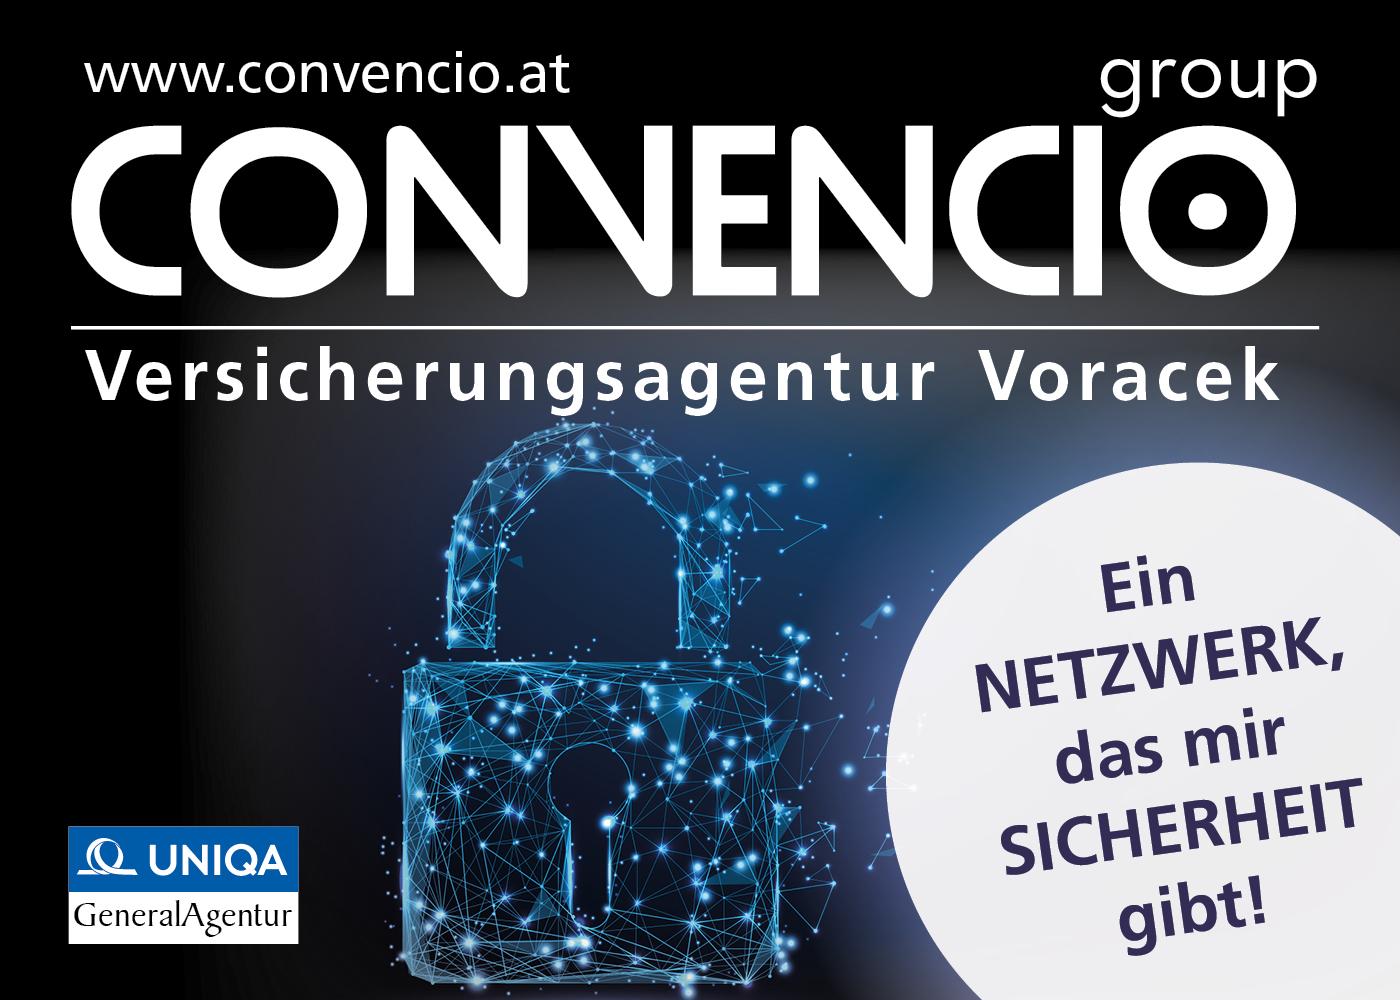 CONVENCIO_19-05_LED_Leinwand3